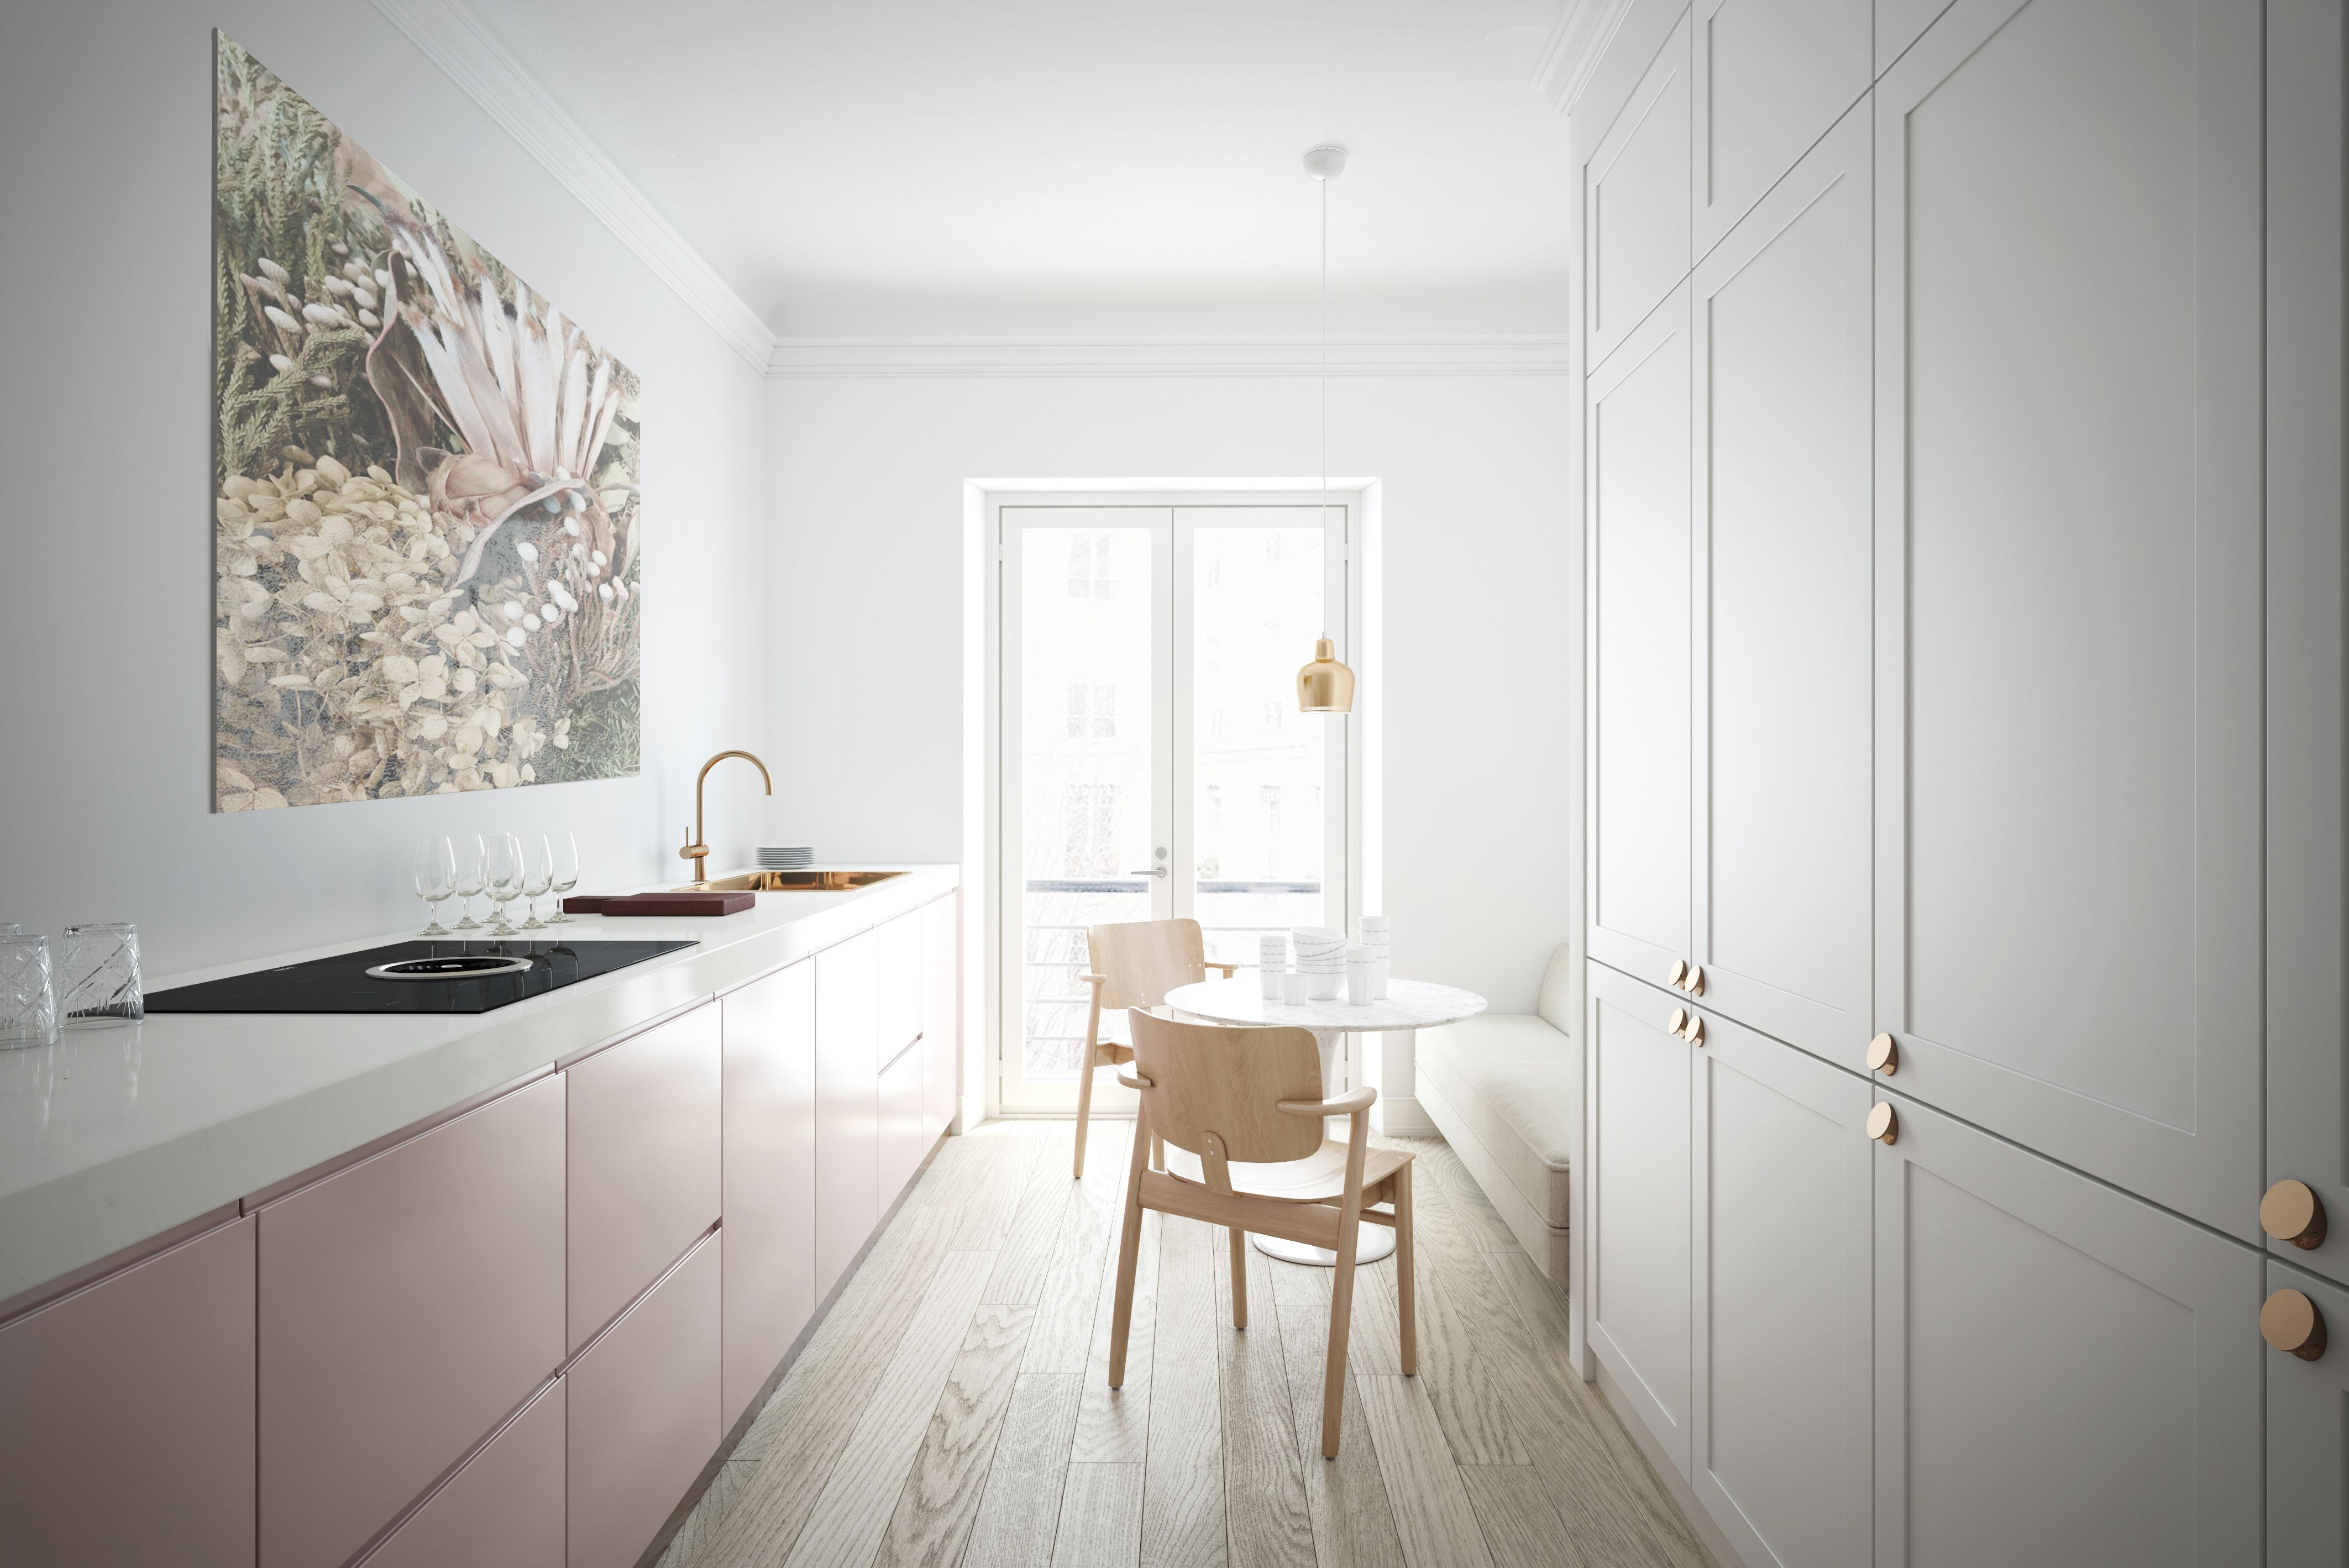 Suomalainen A.S.Helsingö tuo korkealuokkaista kotimaista designia koteihin ilman…